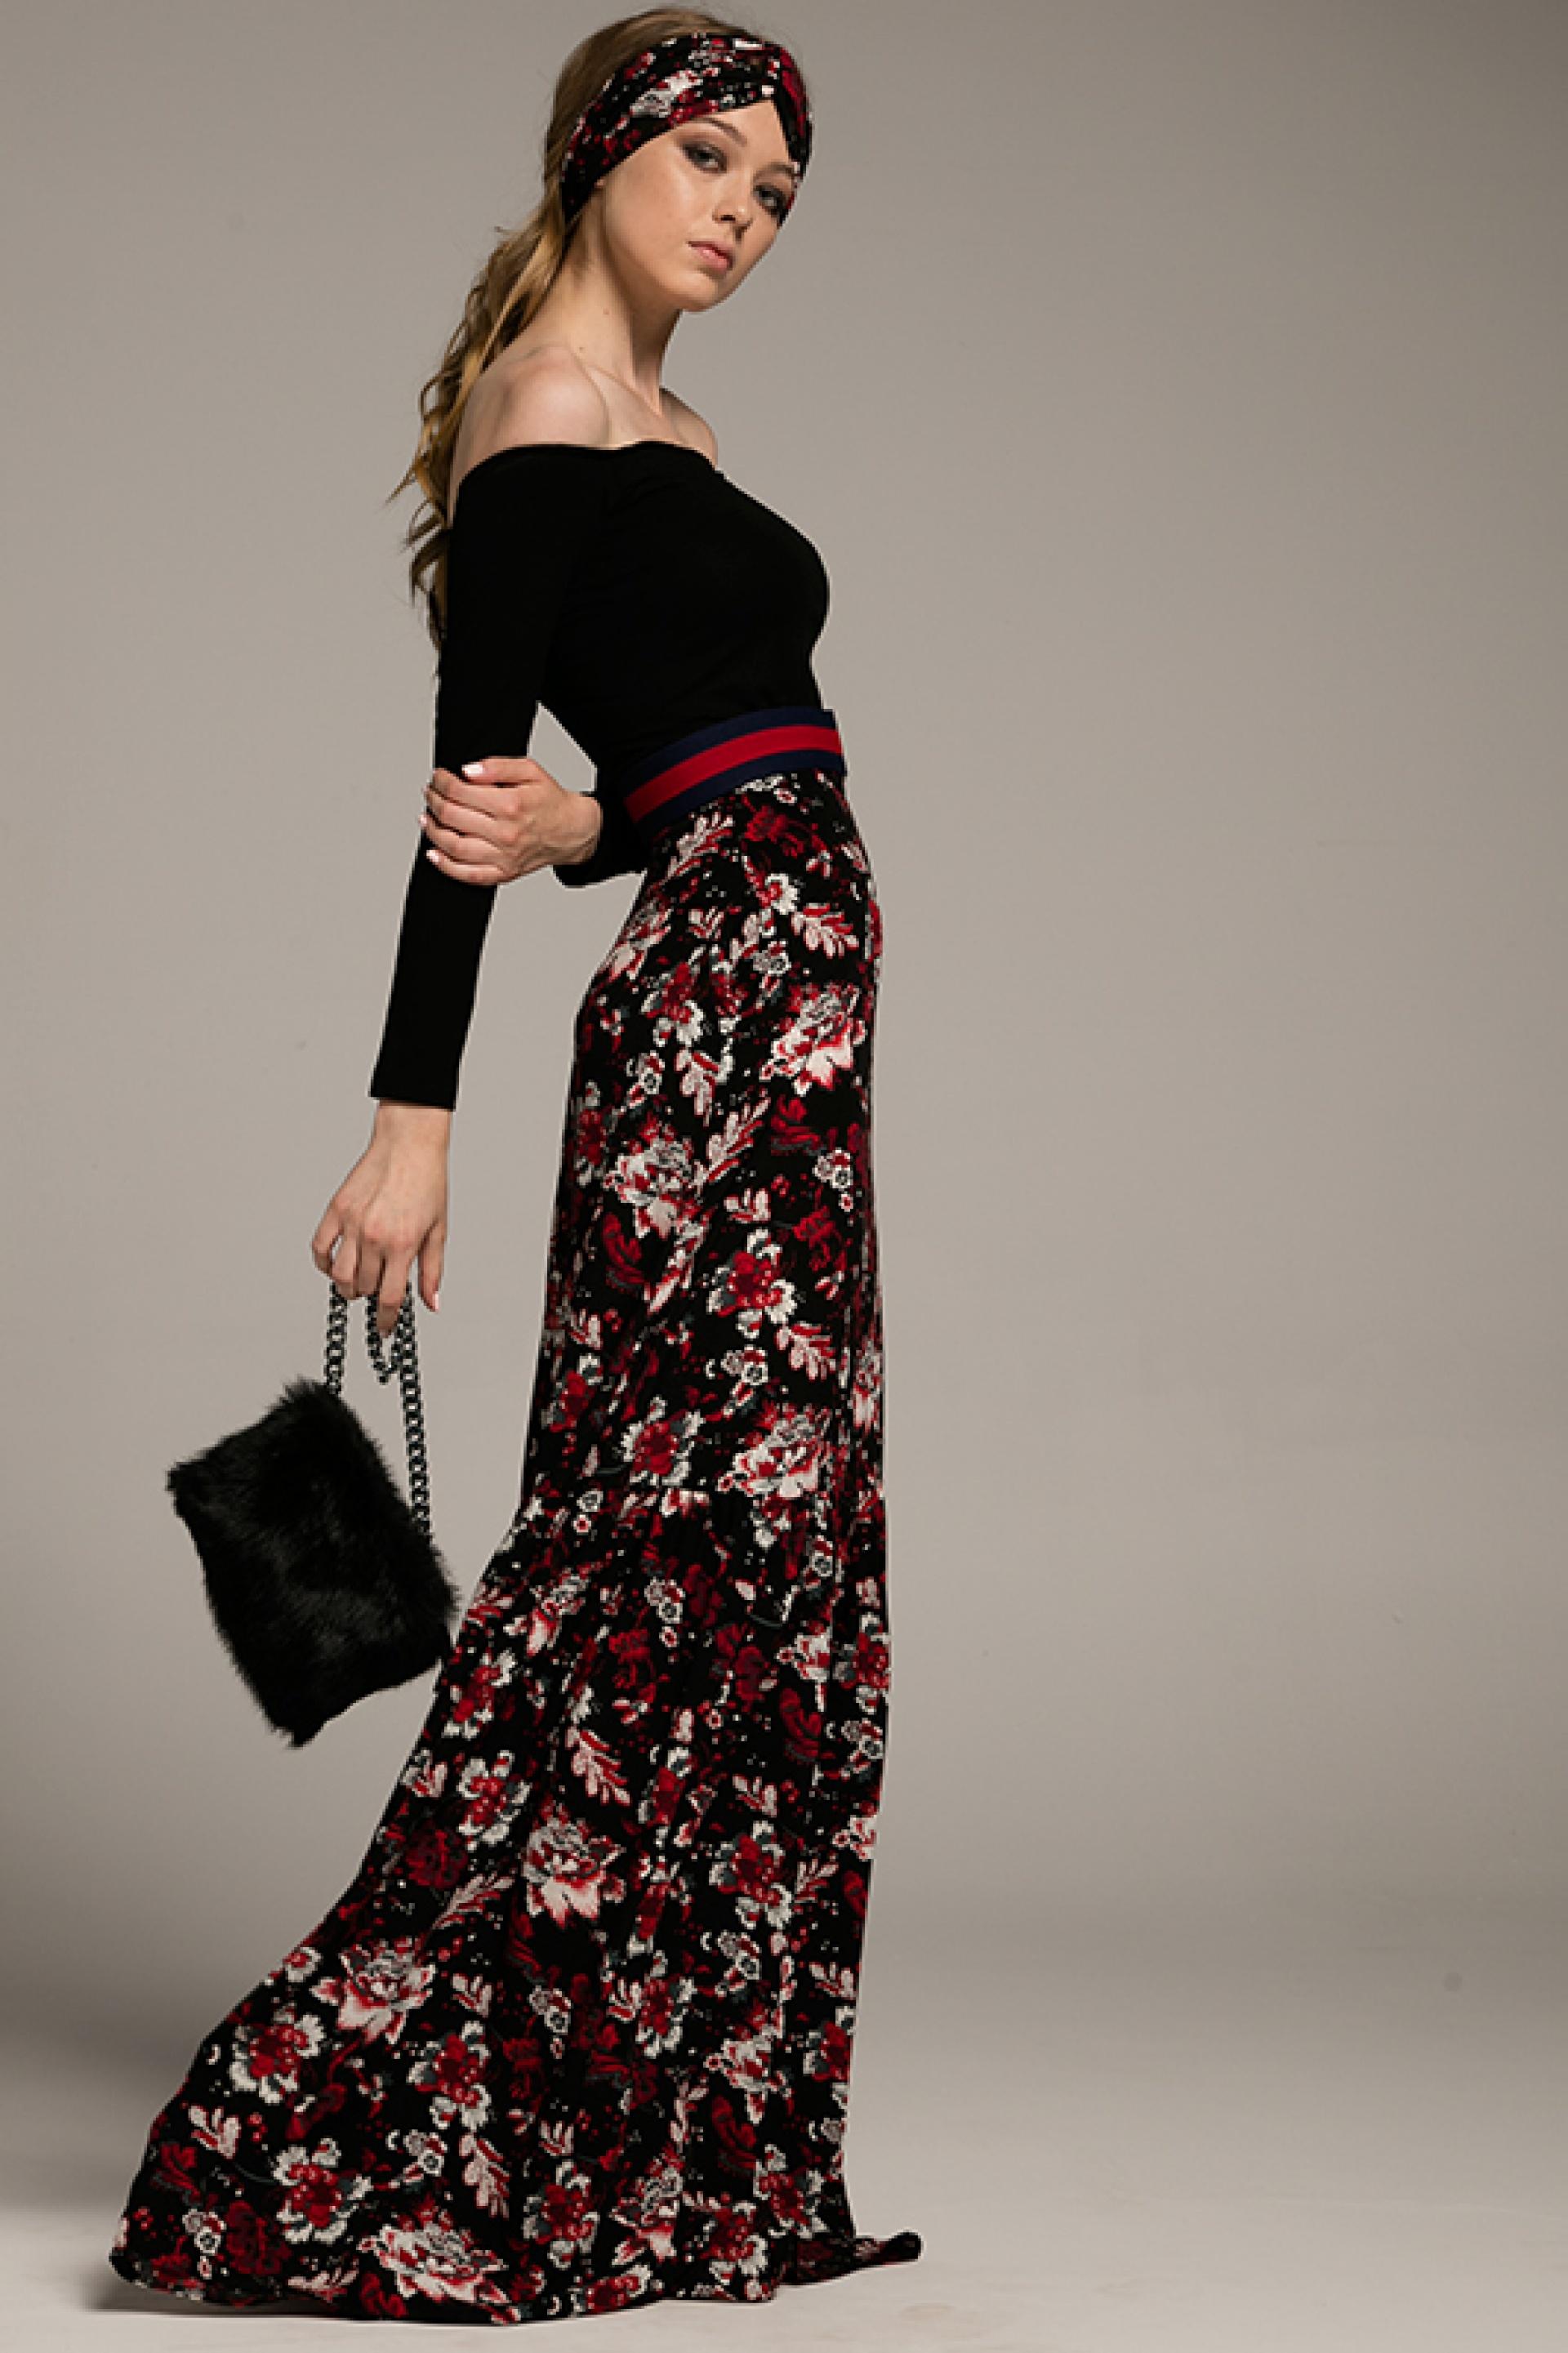 Bardzo dobry Długa spódnica w kwiaty - Gust Gust TG79